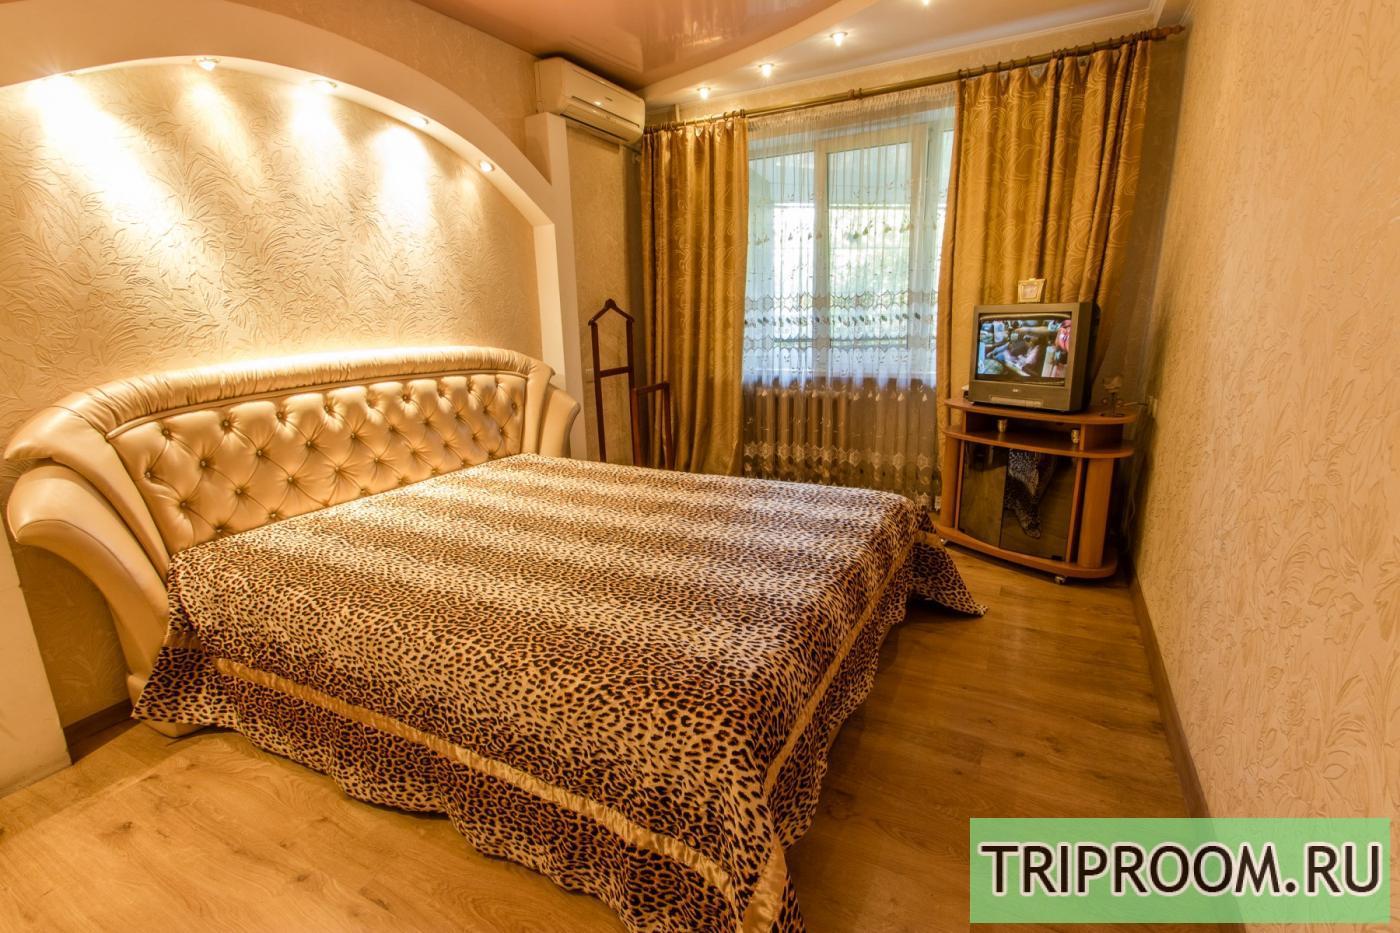 1-комнатная квартира посуточно (вариант № 1545), ул. Гоголя улица, фото № 1